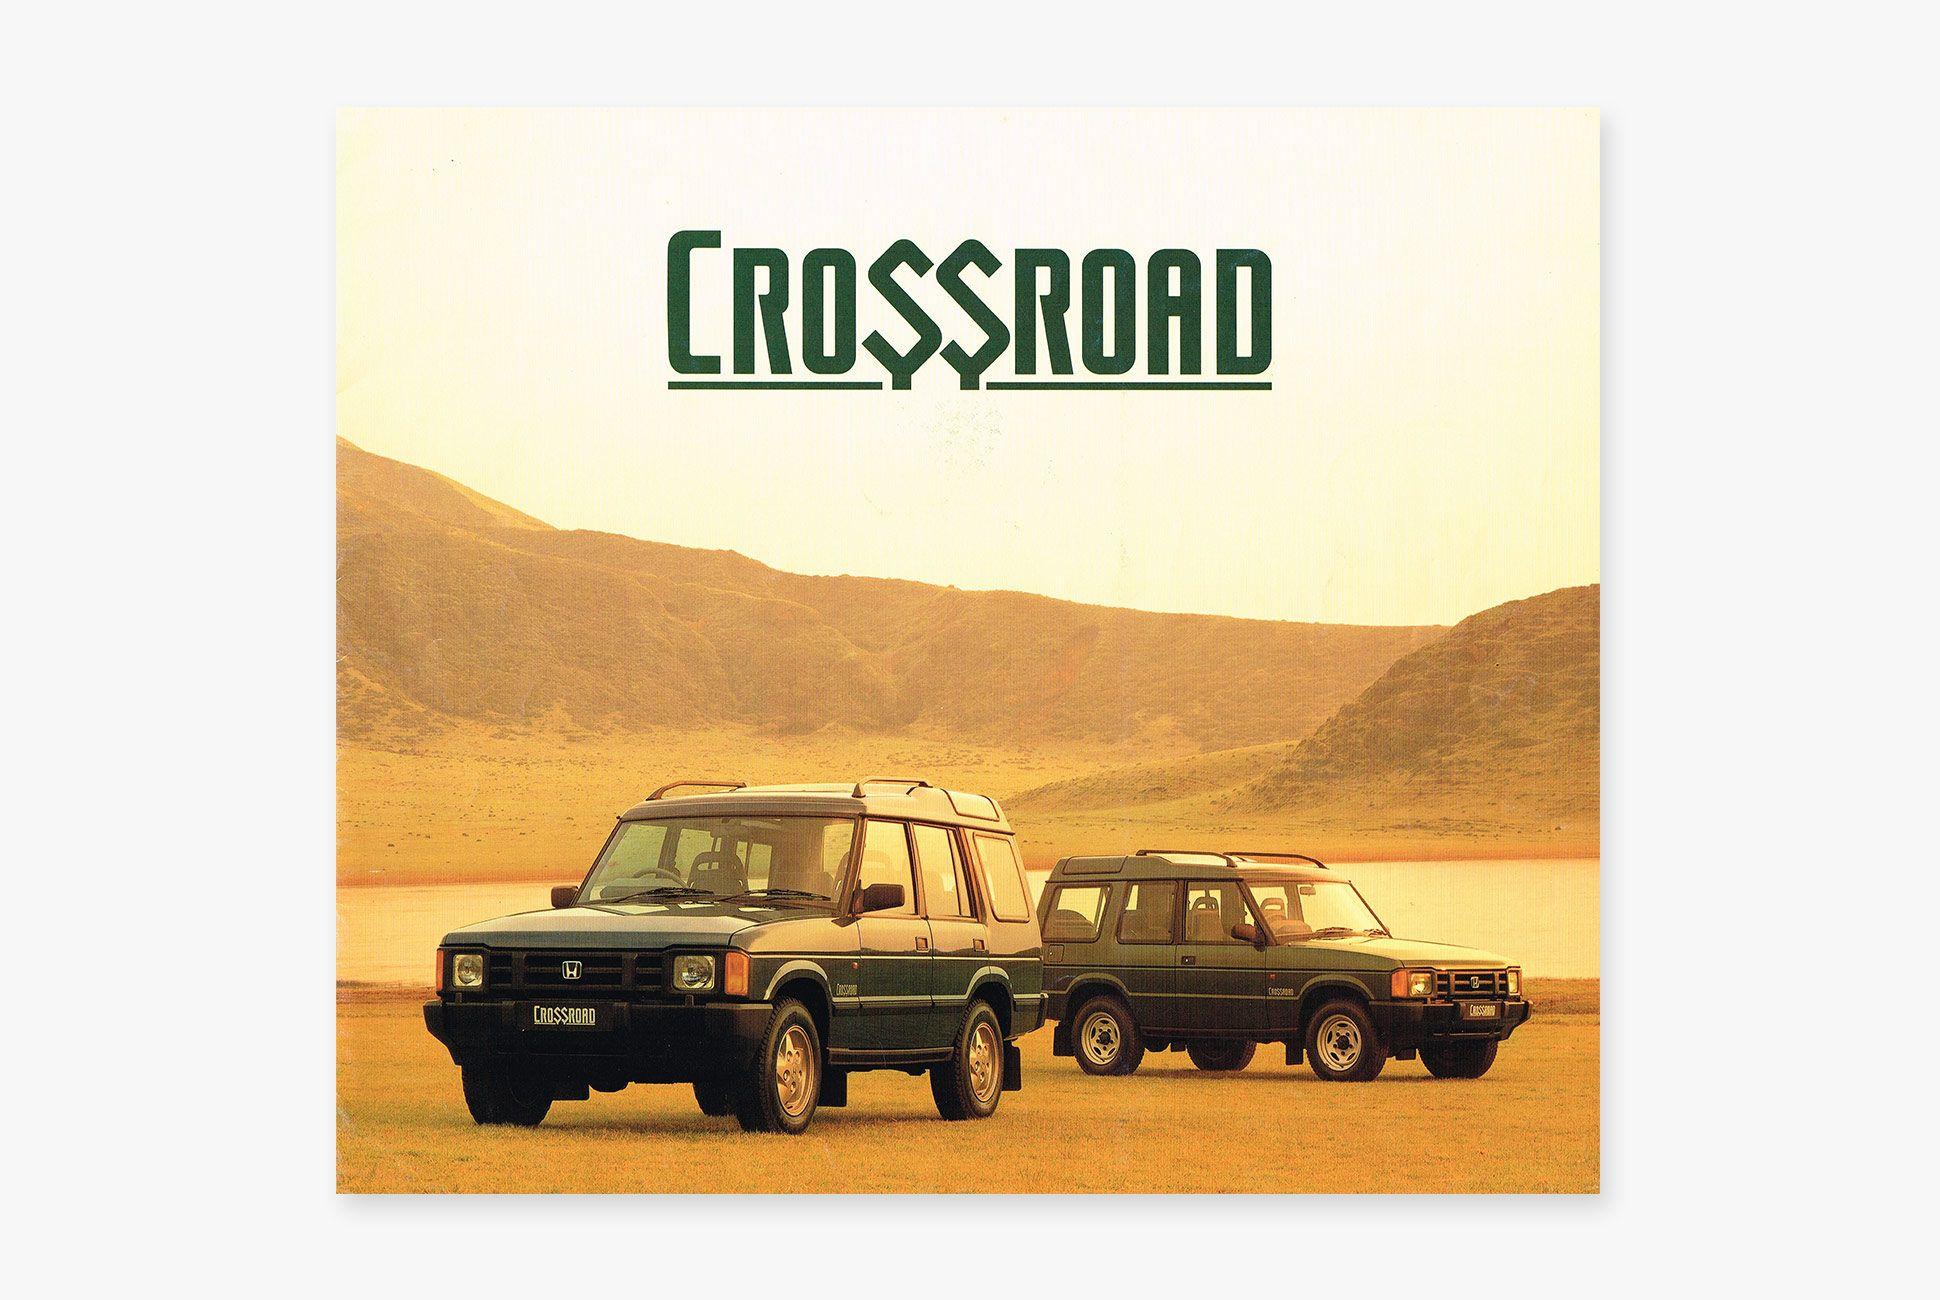 Honda-Crossroad-Land-Rover-gear-patrol-slide-2